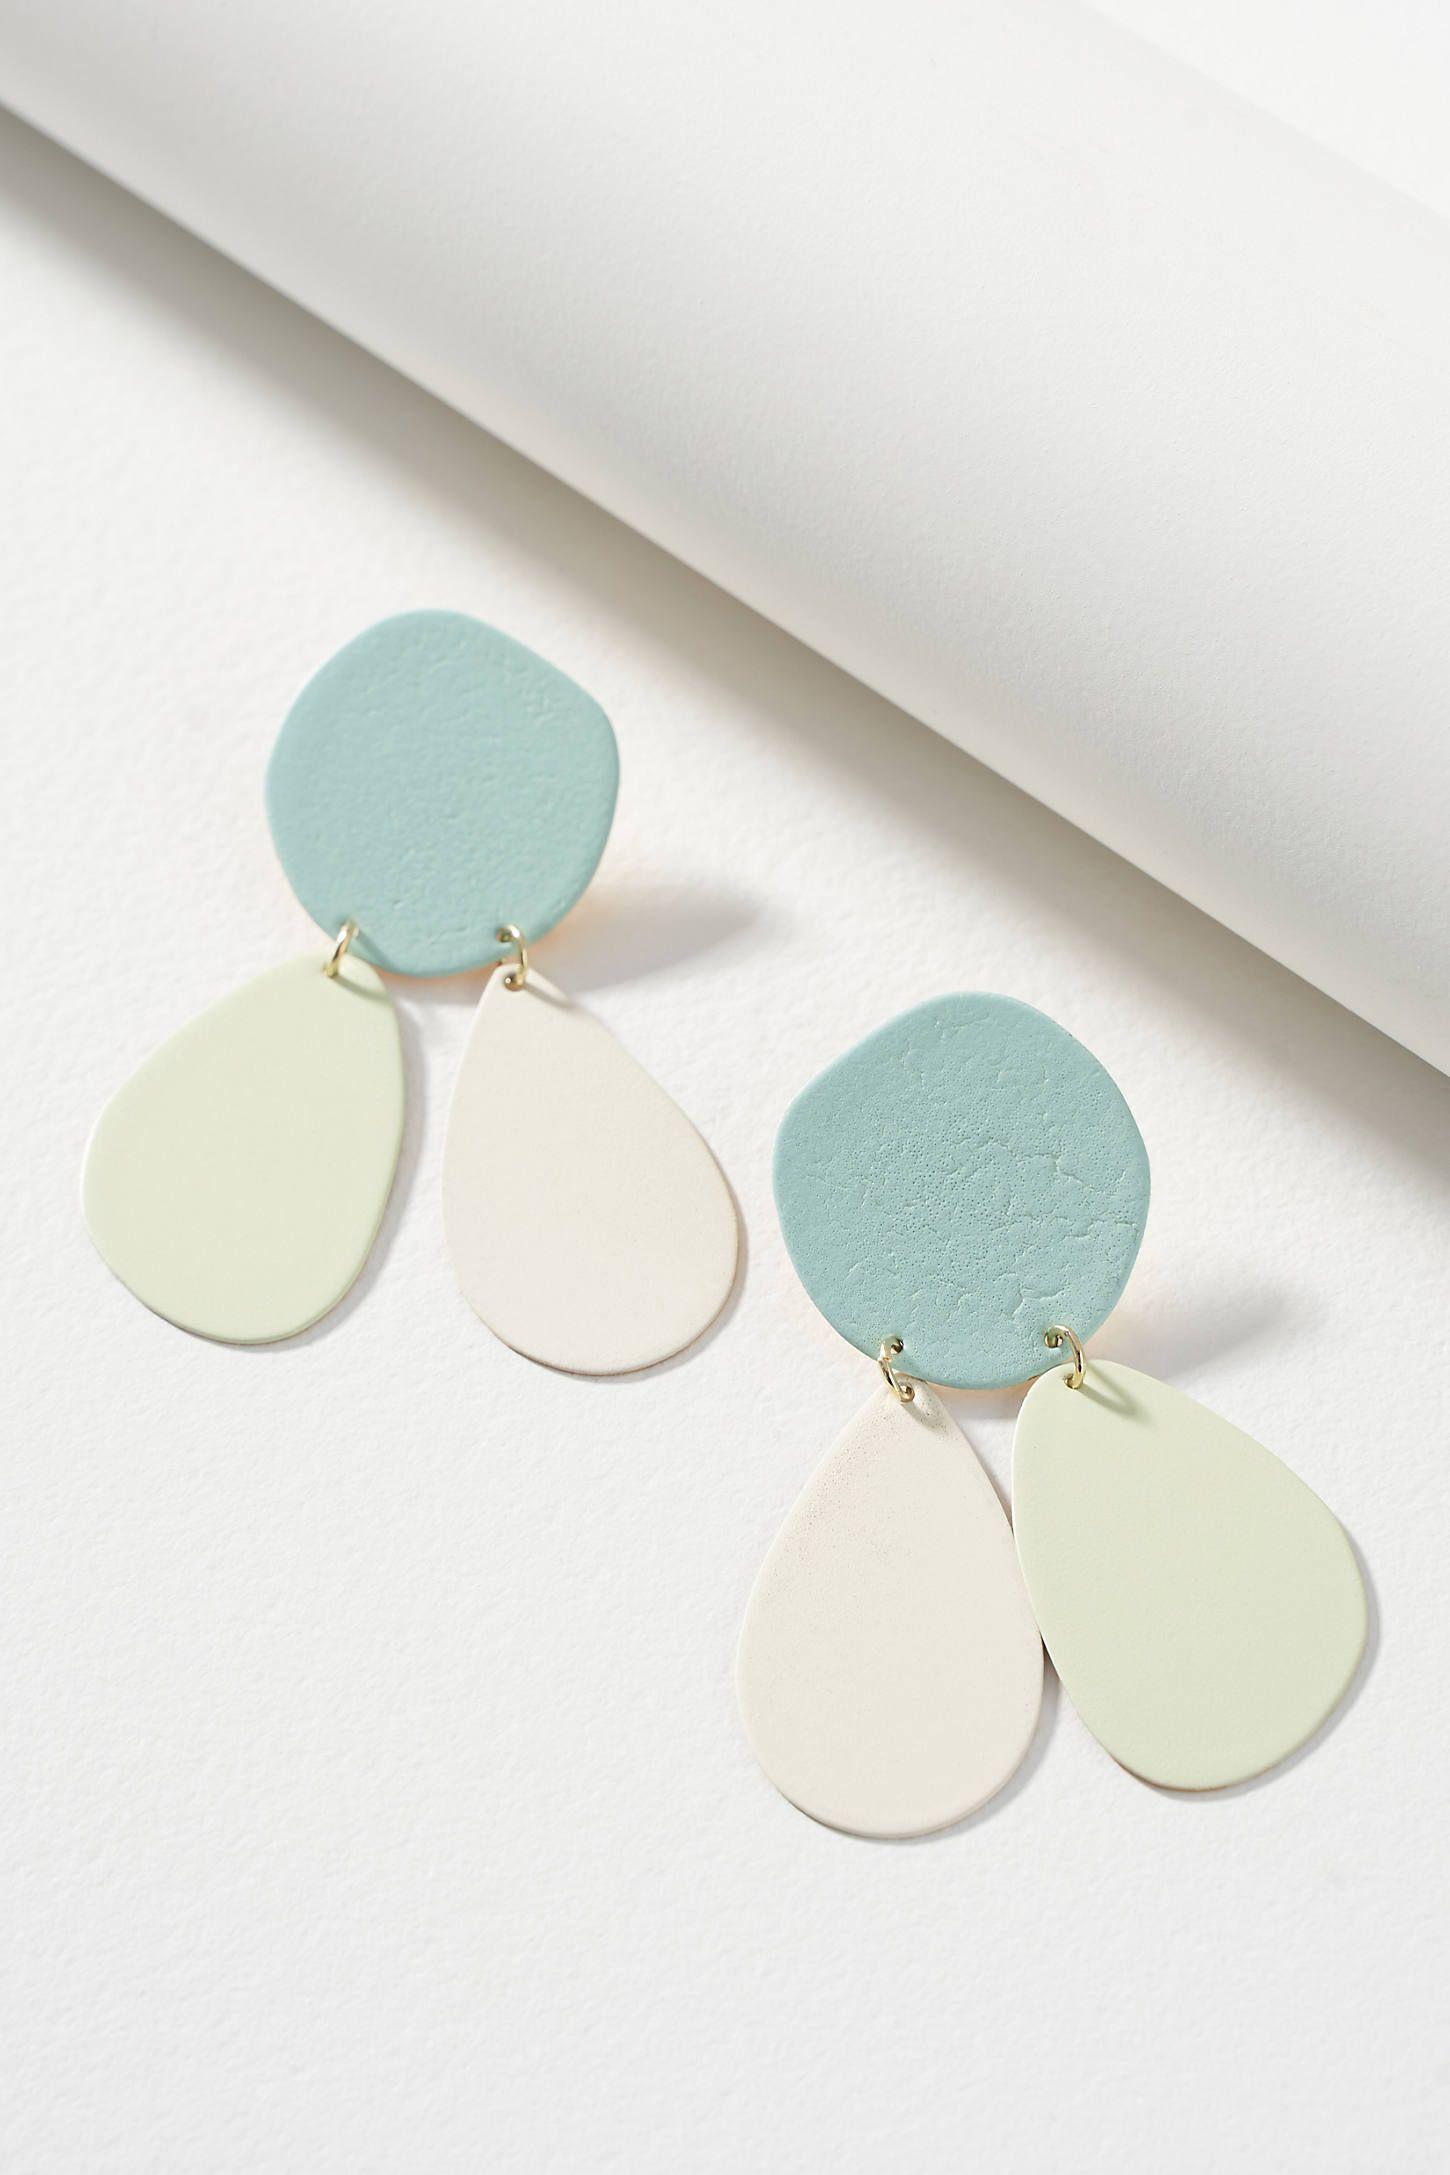 Izzy Porcelain earrings